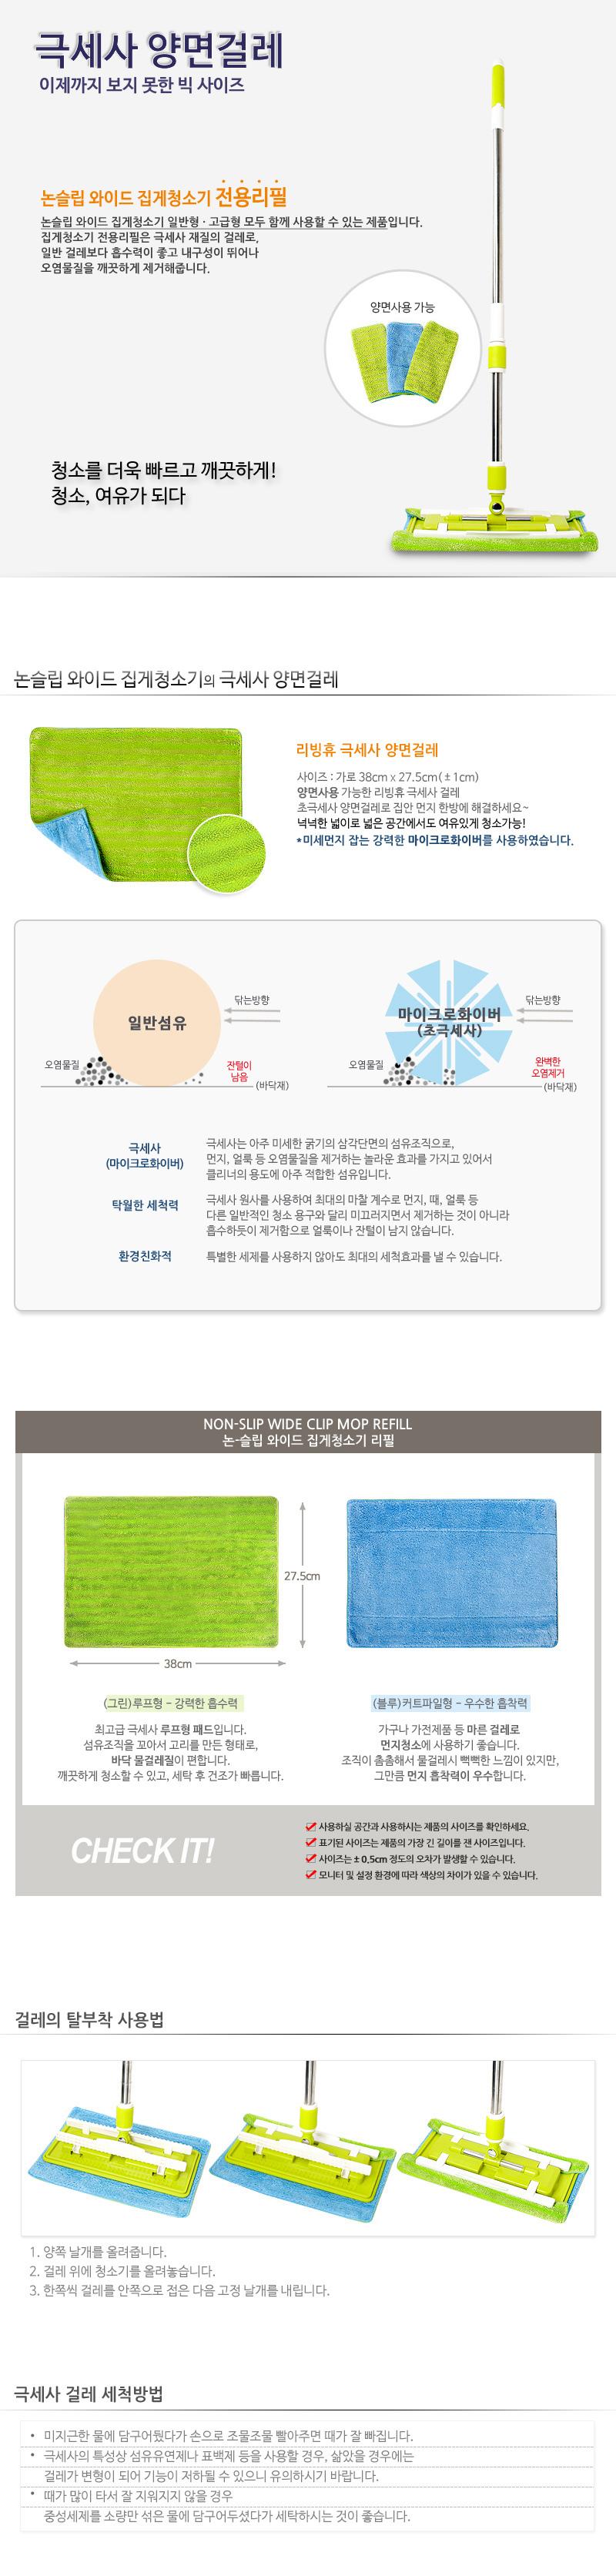 리빙휴 논슬립 와이드 집게청소기 걸레 리필(3개) - 리빙휴, 9,000원, 청소도구, 걸레